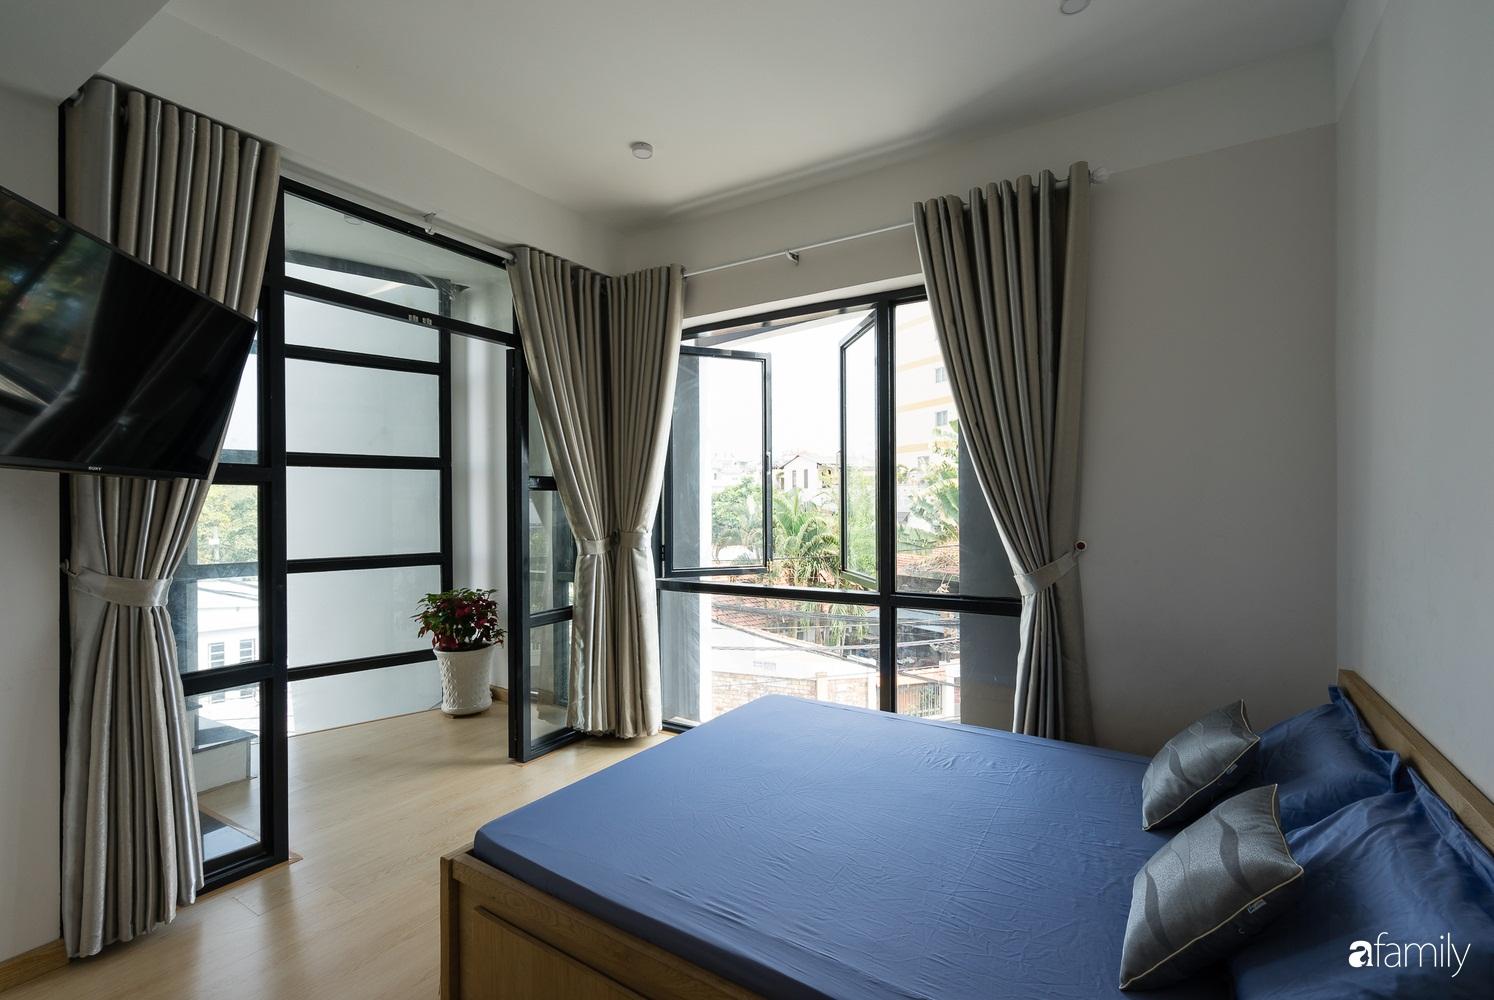 Ngôi nhà 27m² với đủ chức năng hiện đại, thoáng sáng cho gia đình hai thế hệ sinh sống ở TP. HCM - Ảnh 3.